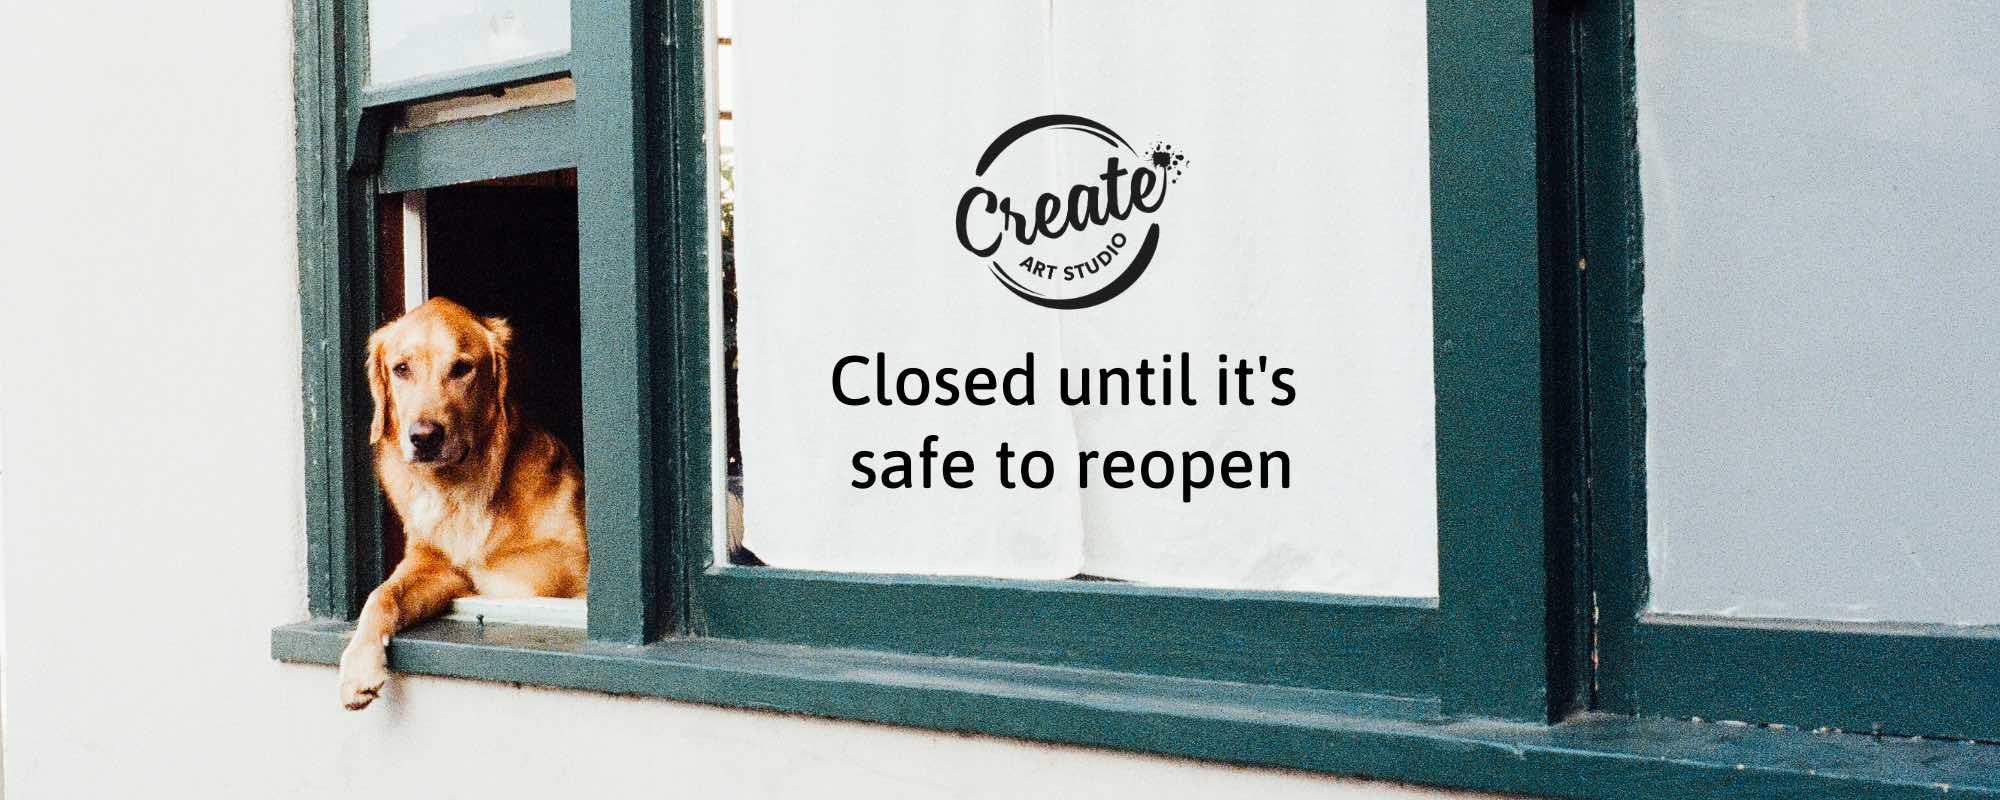 Temporary closure details